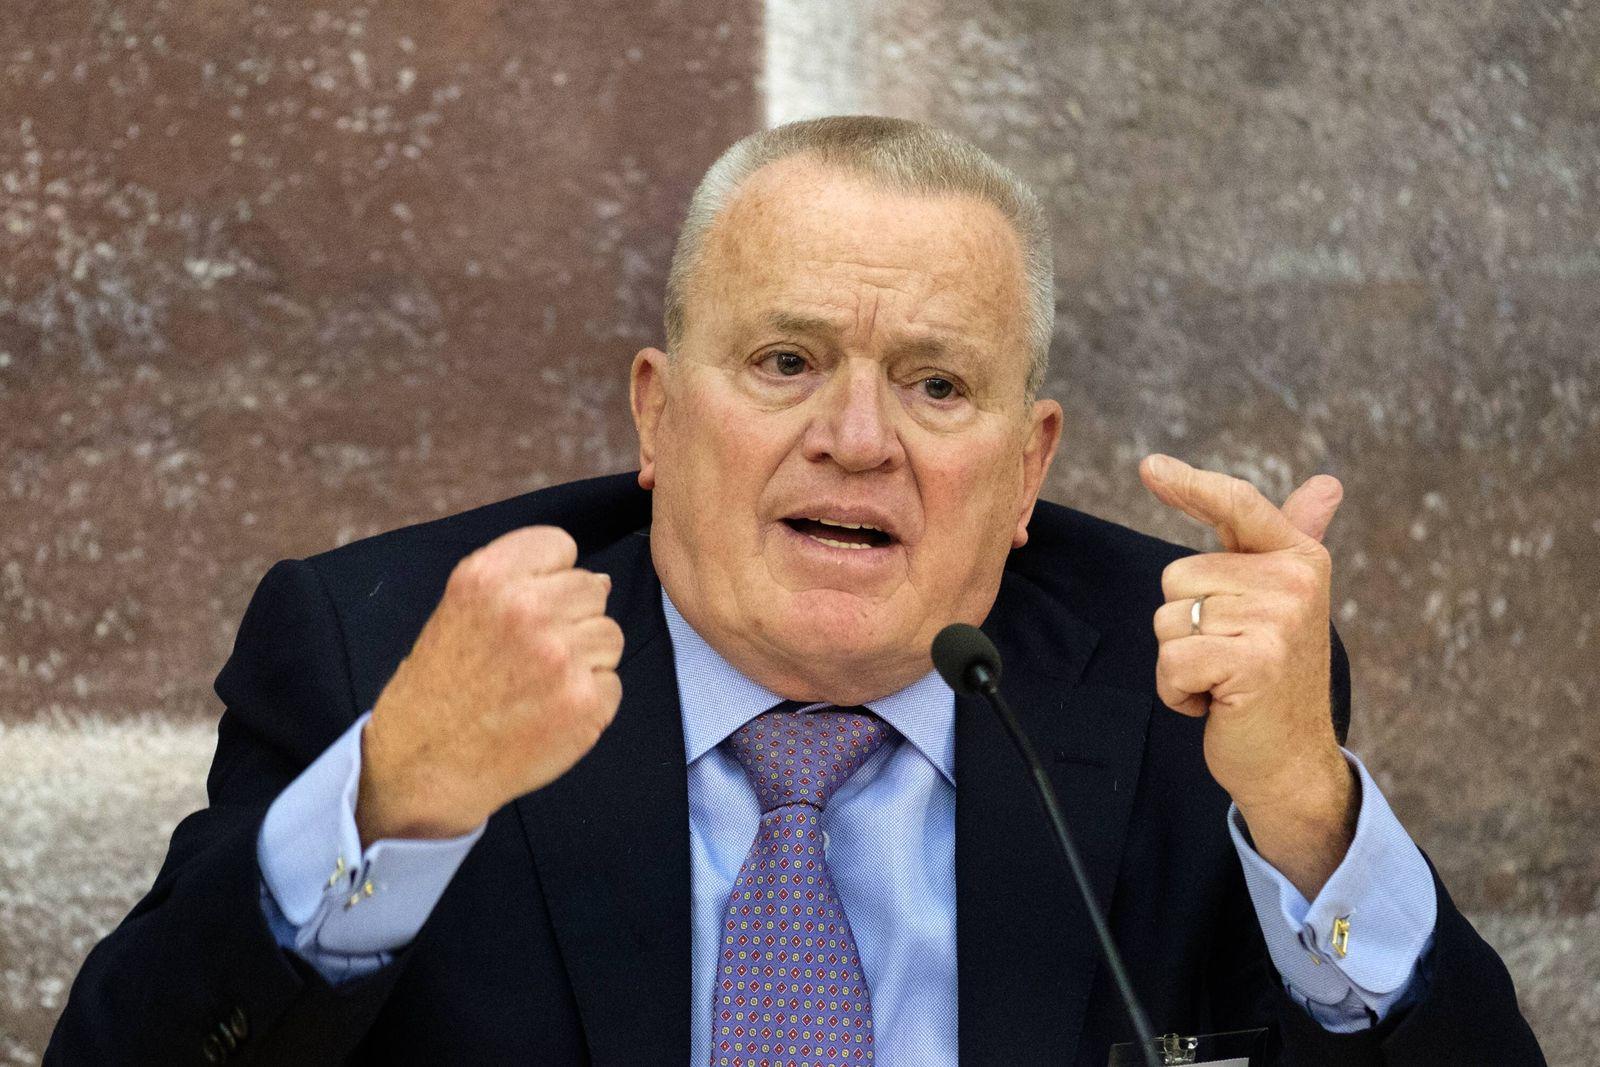 Thomas SATTELBERGER MdB FDP ehemaliger Personalvorstand bei der Deutschen Telekom AG und Contine